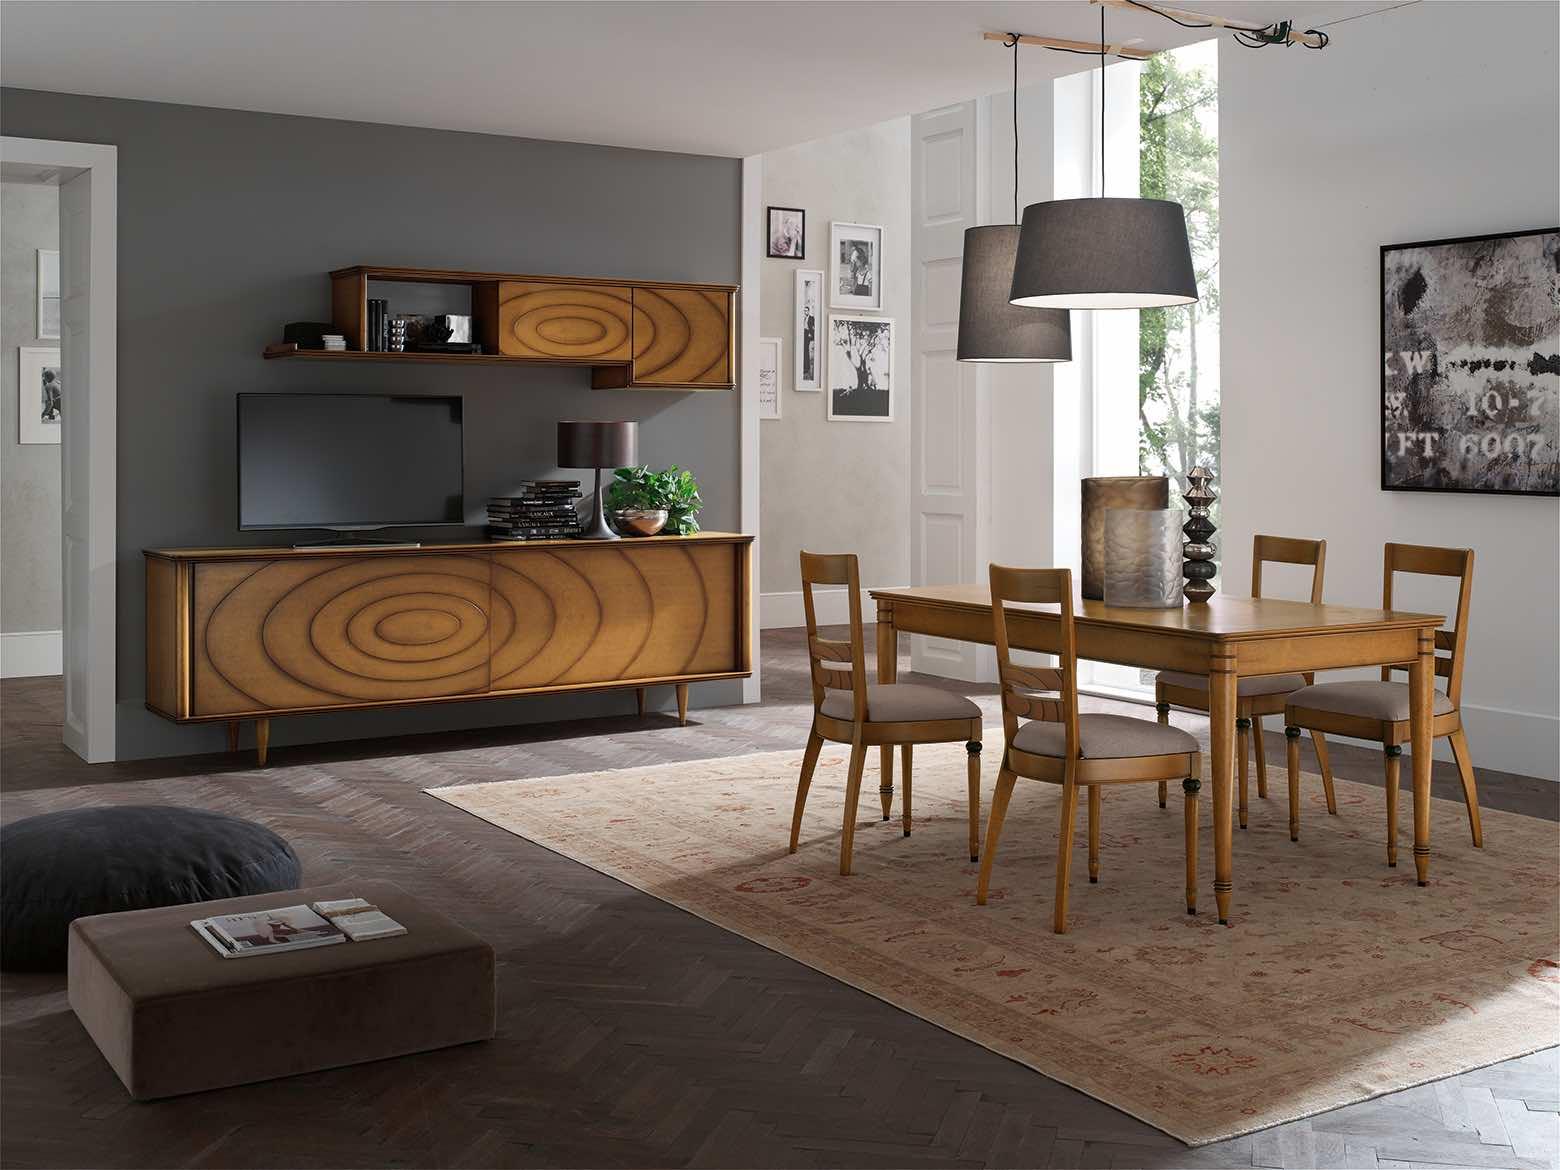 Arredo e design bonus mobili un opportunit se for Detrazione per arredamento